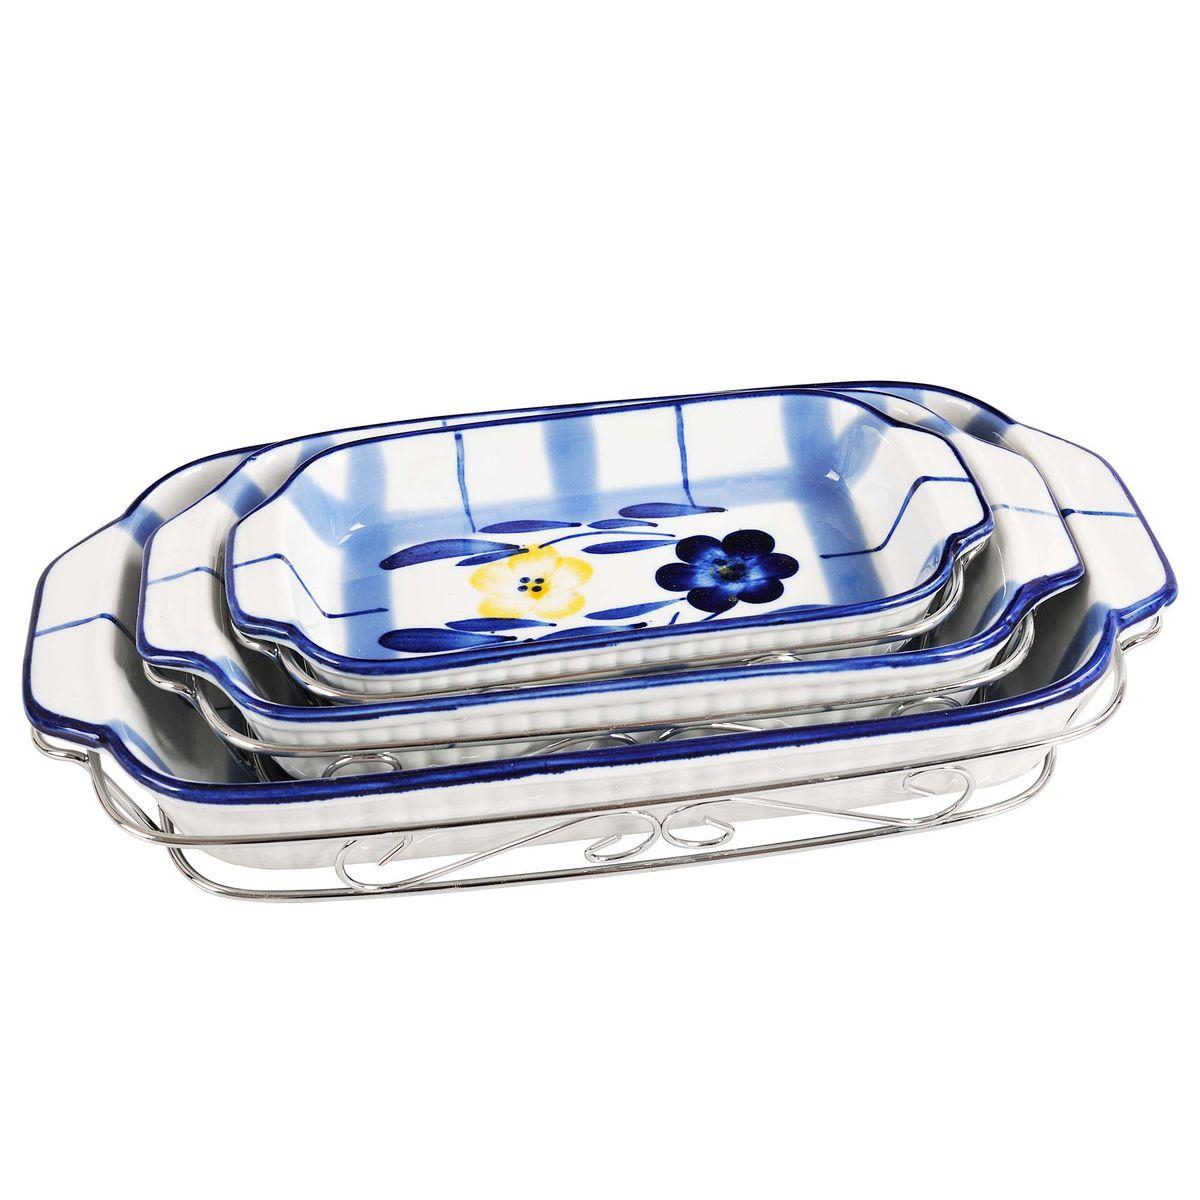 Набор форм для запекания Bekker, с подставками, 6 предметовBK-7308Набор Bekker состоит из 3 форм для запекания, выполненных из высококачественной жаропрочной керамики. Изделия имеют глазурованное покрытие, которое защищает поверхность от истирания и облегчает чистку. Формы для запекания Bekker прекрасно подойдут для запекания овощей, мяса и других блюд, а оригинальный дизайн и яркое оформление украсят ваш стол.В комплект входя также 3 металлические подставки.Размер форм: 21 х 11 х 3 см; 25,5 х 14 х 3,5 см; 31 х 16 х 4,5 см.